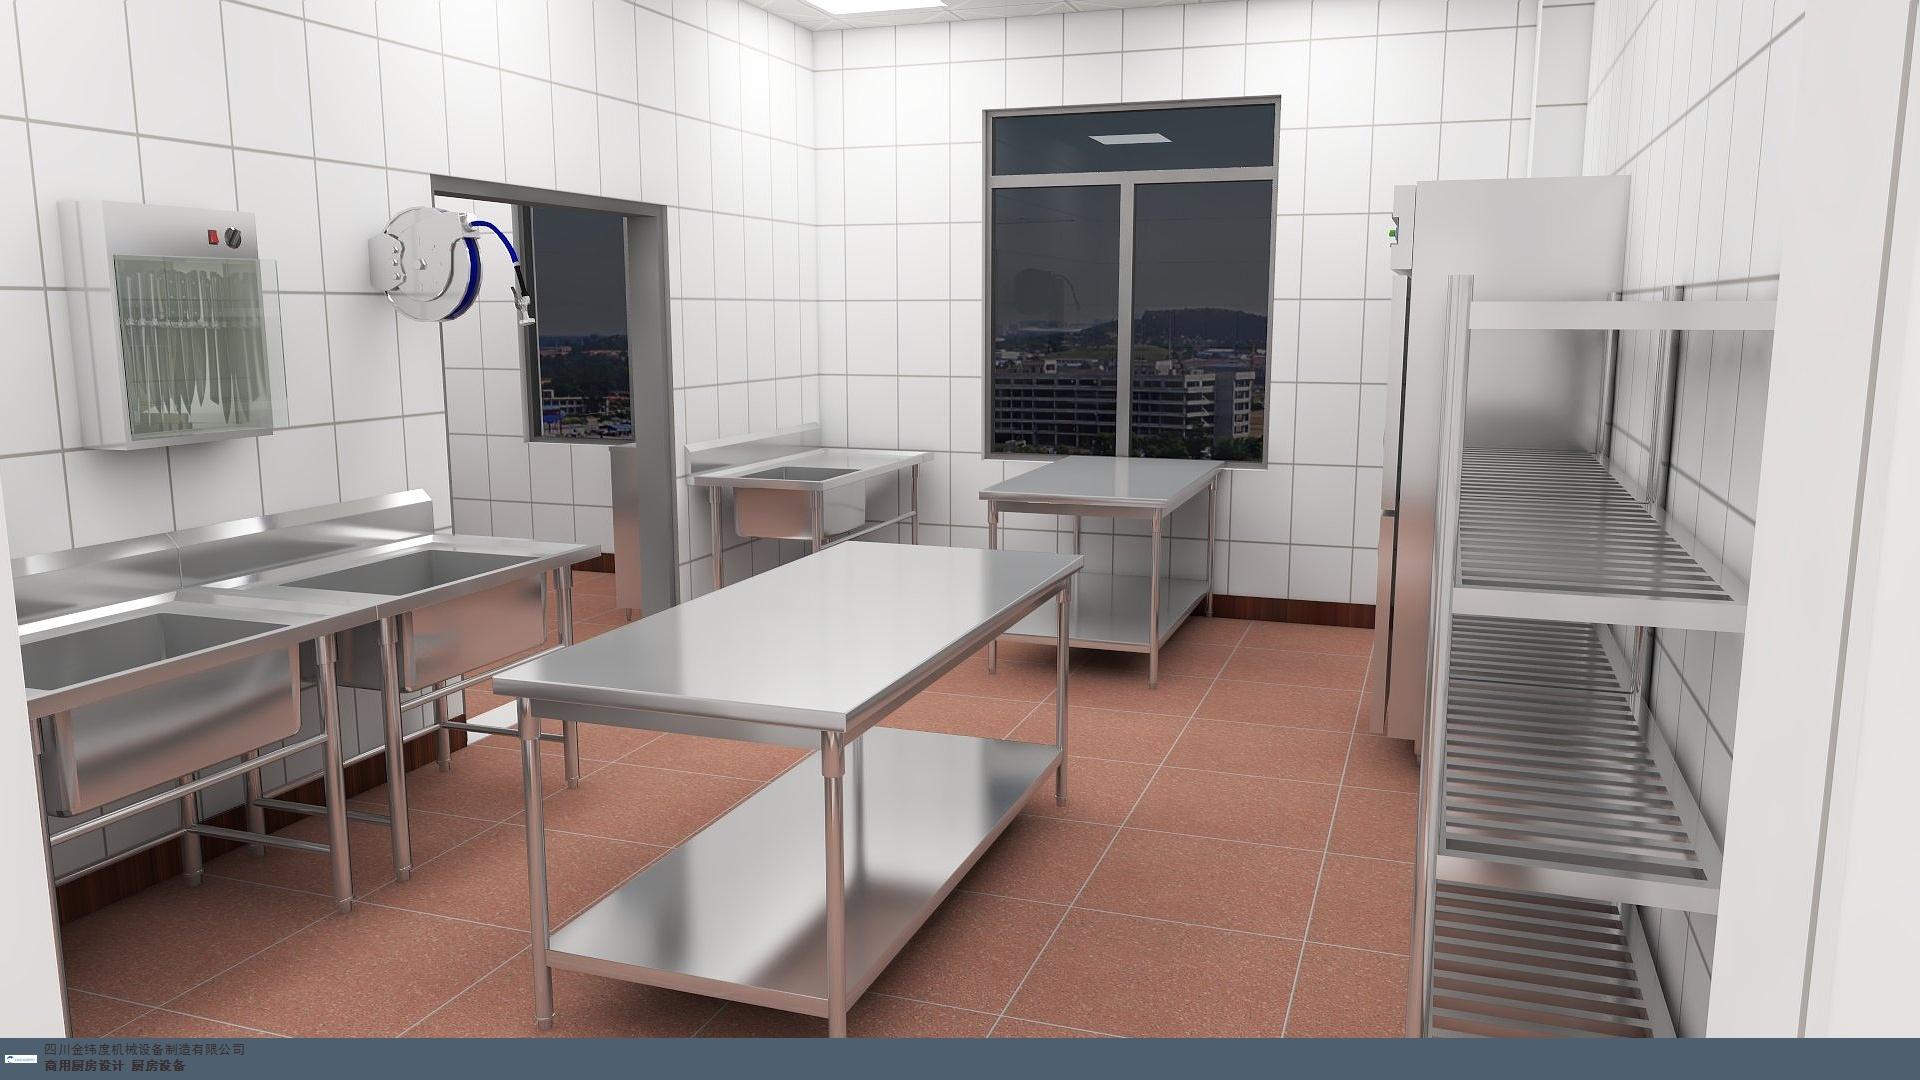 乐山医院食堂厨房设计哪家好,厨房设计图片